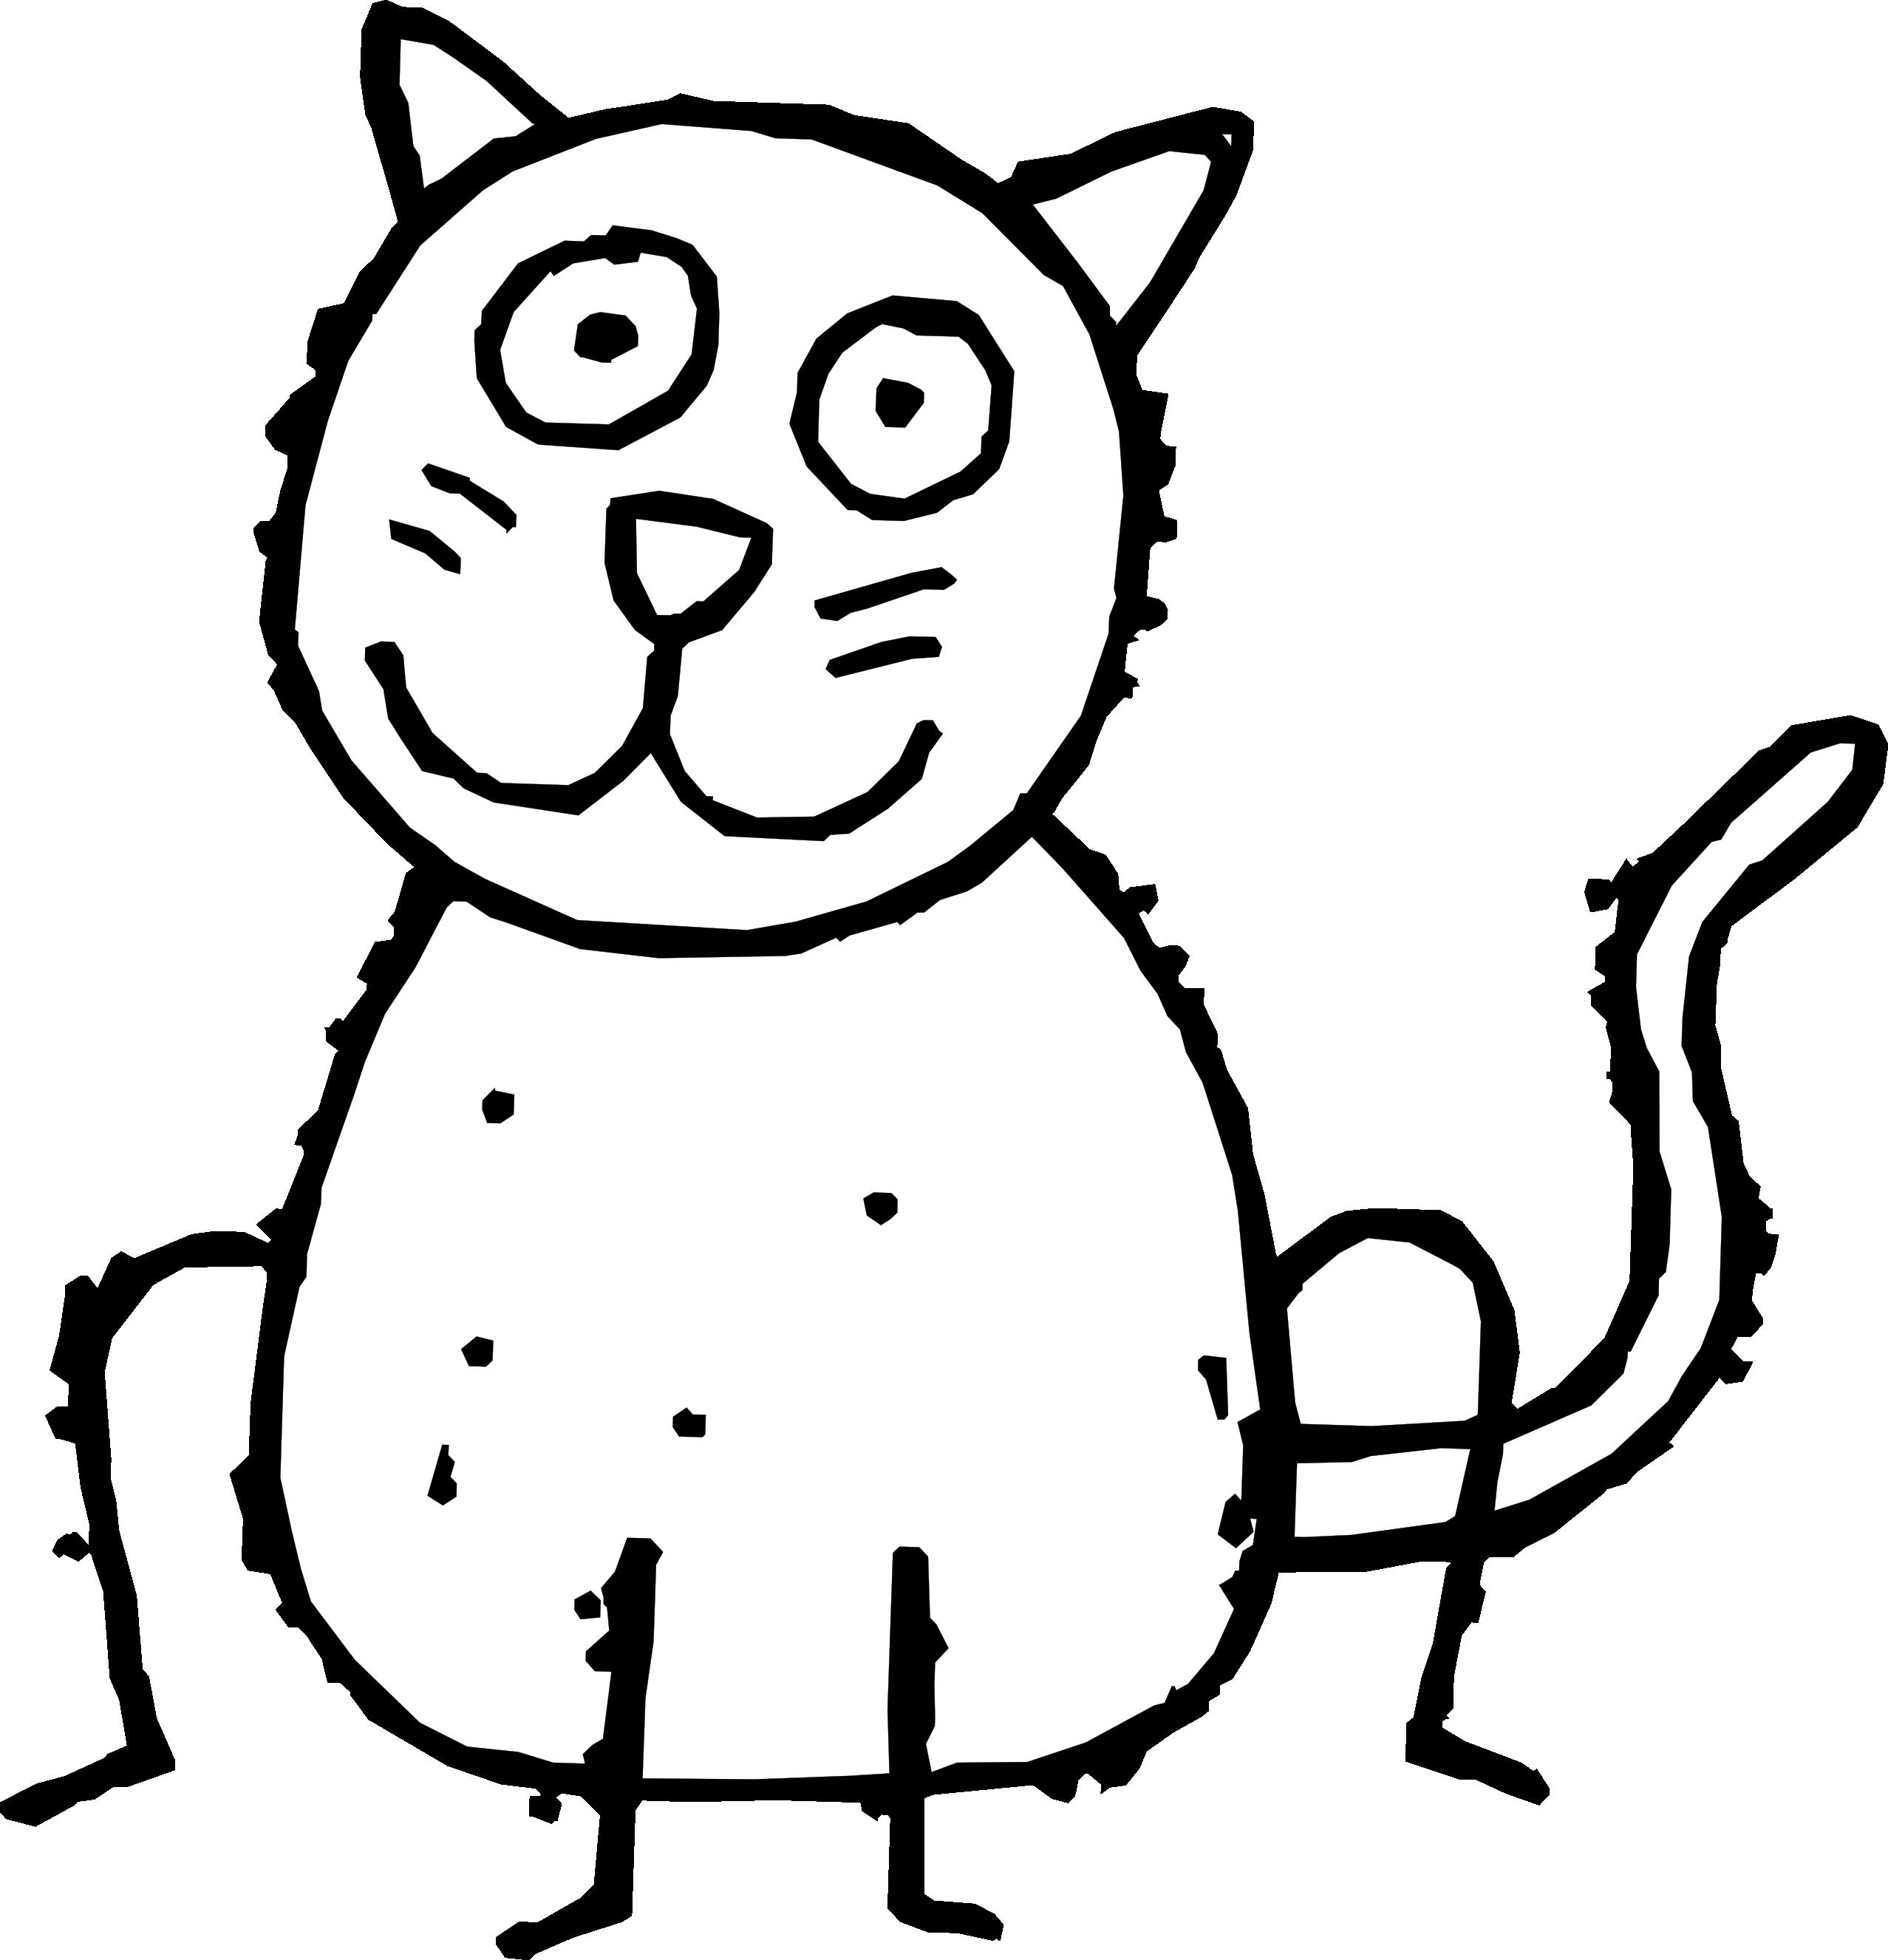 Cat Cartoon Drawing Black And White Cat Cartoon Drawings Clipart